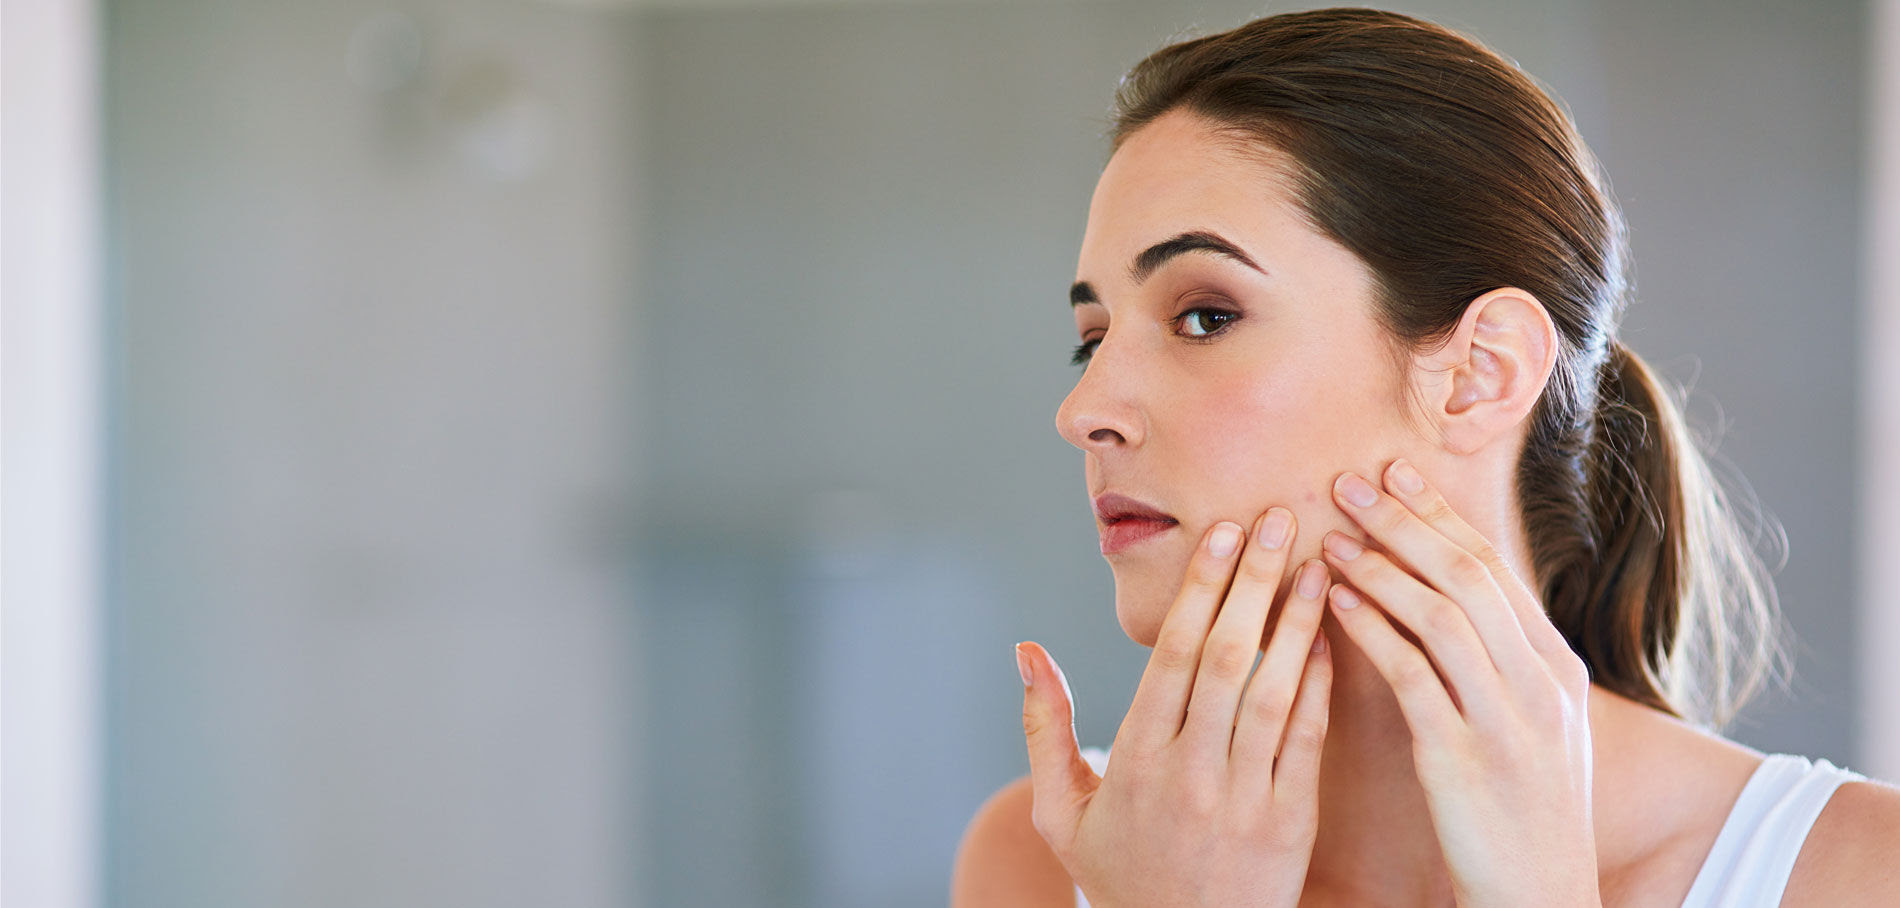 Acné hormonale que faire, acné inflammatoire que faire, lutter contre les boutons, acné juvénile